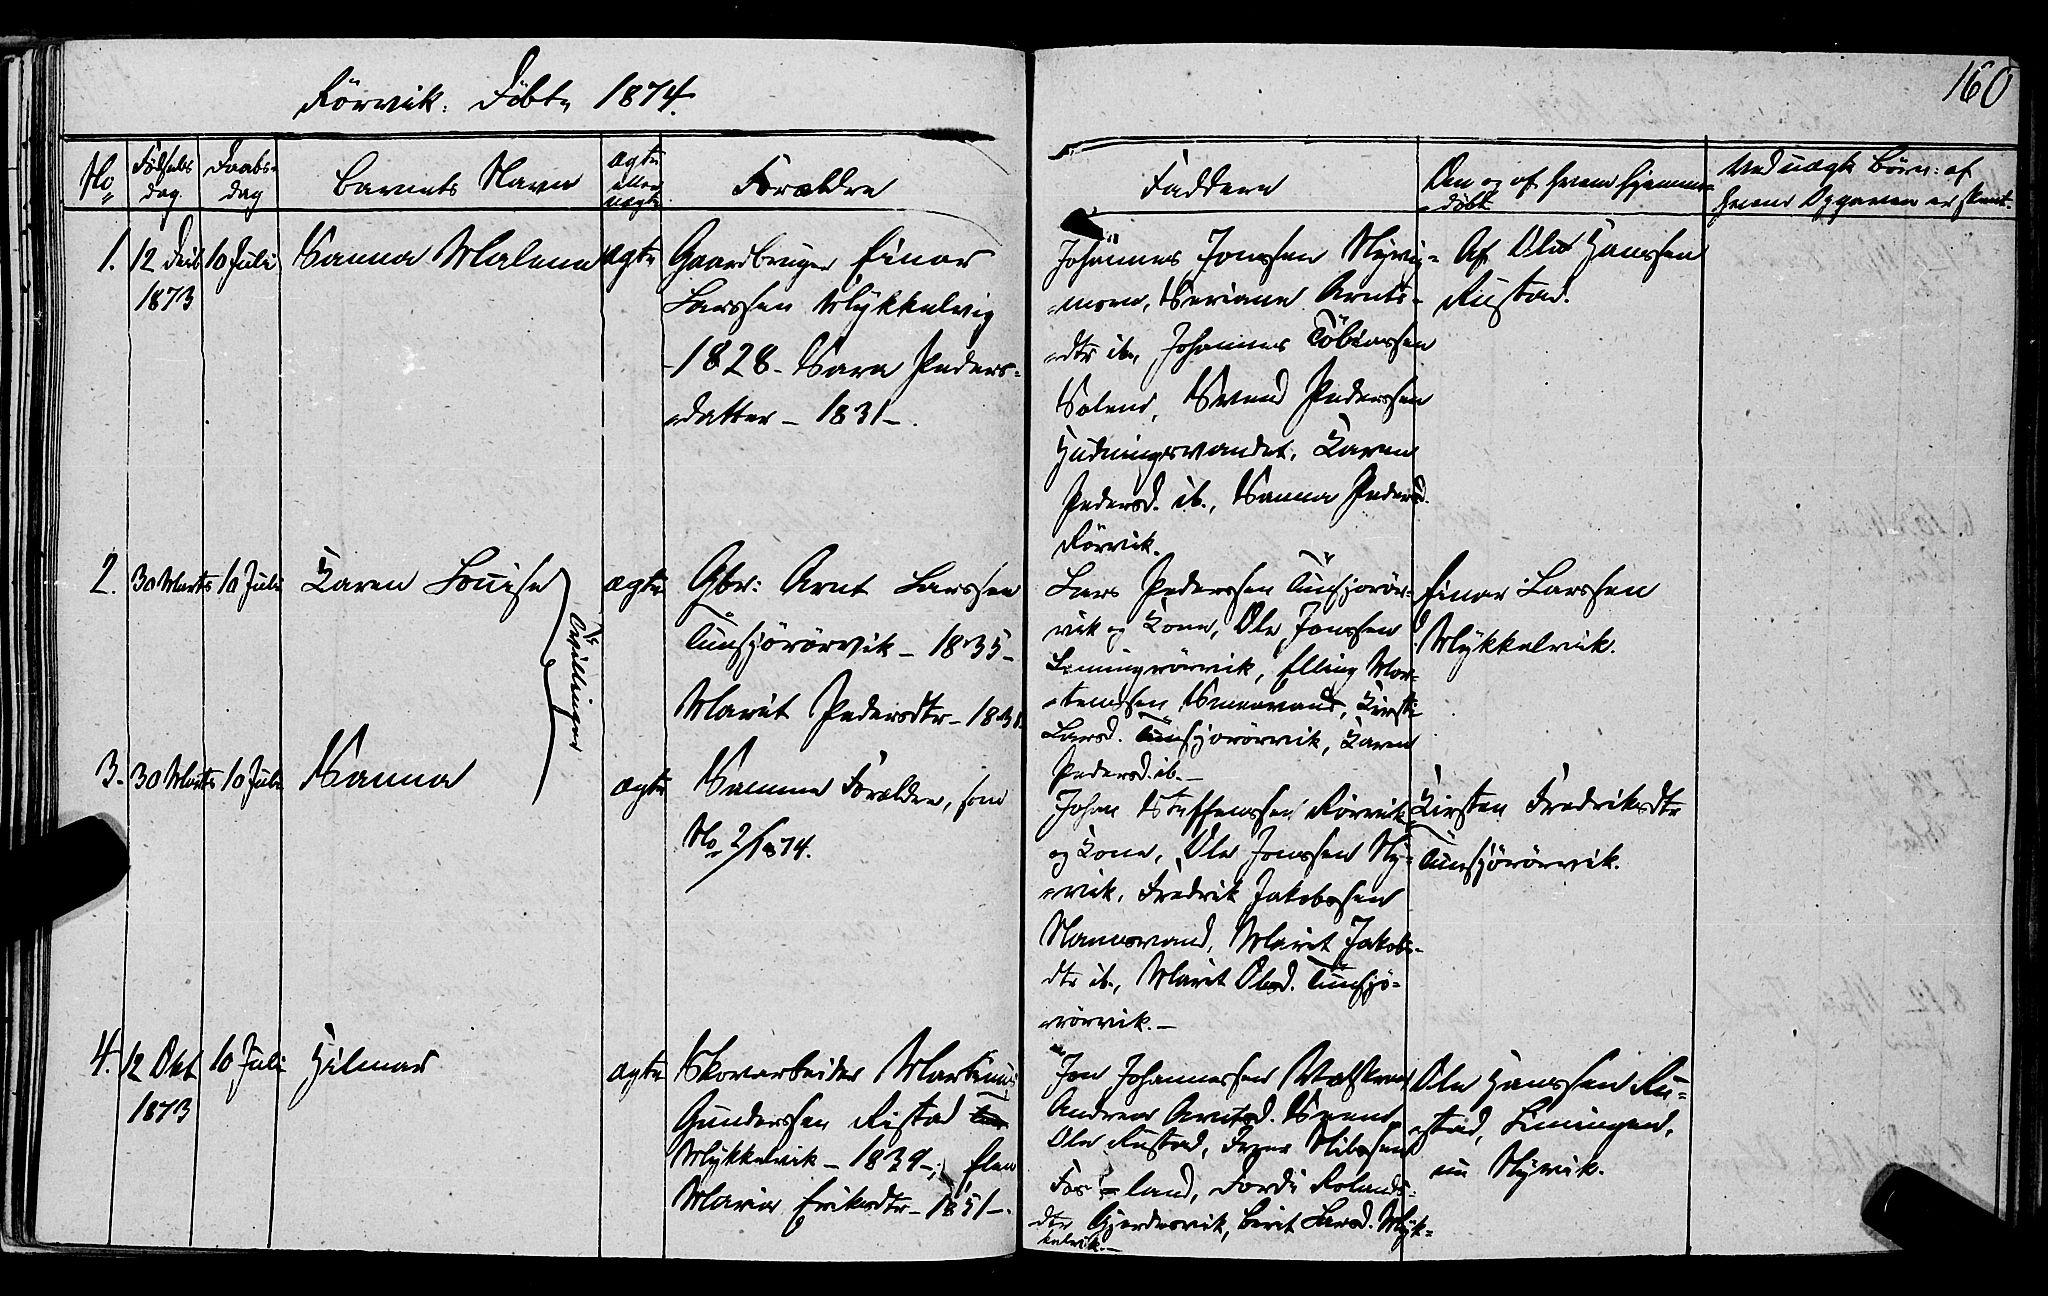 SAT, Ministerialprotokoller, klokkerbøker og fødselsregistre - Nord-Trøndelag, 762/L0538: Ministerialbok nr. 762A02 /1, 1833-1879, s. 160